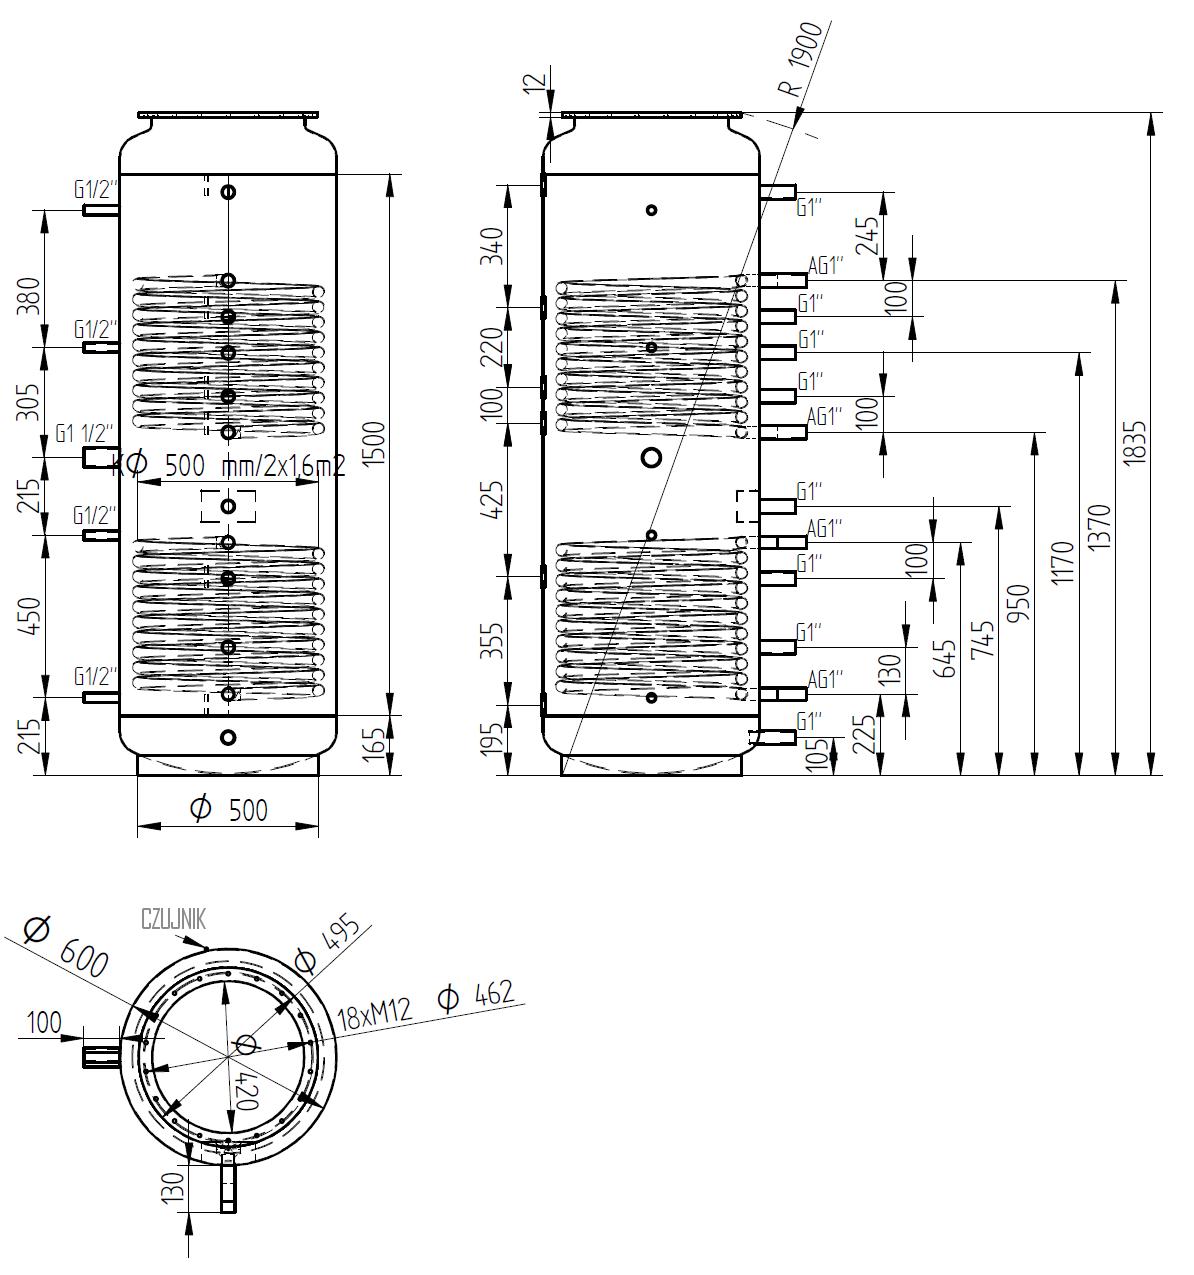 zbiornik buforowy kombinowany 500l z dwoma wymiennikami